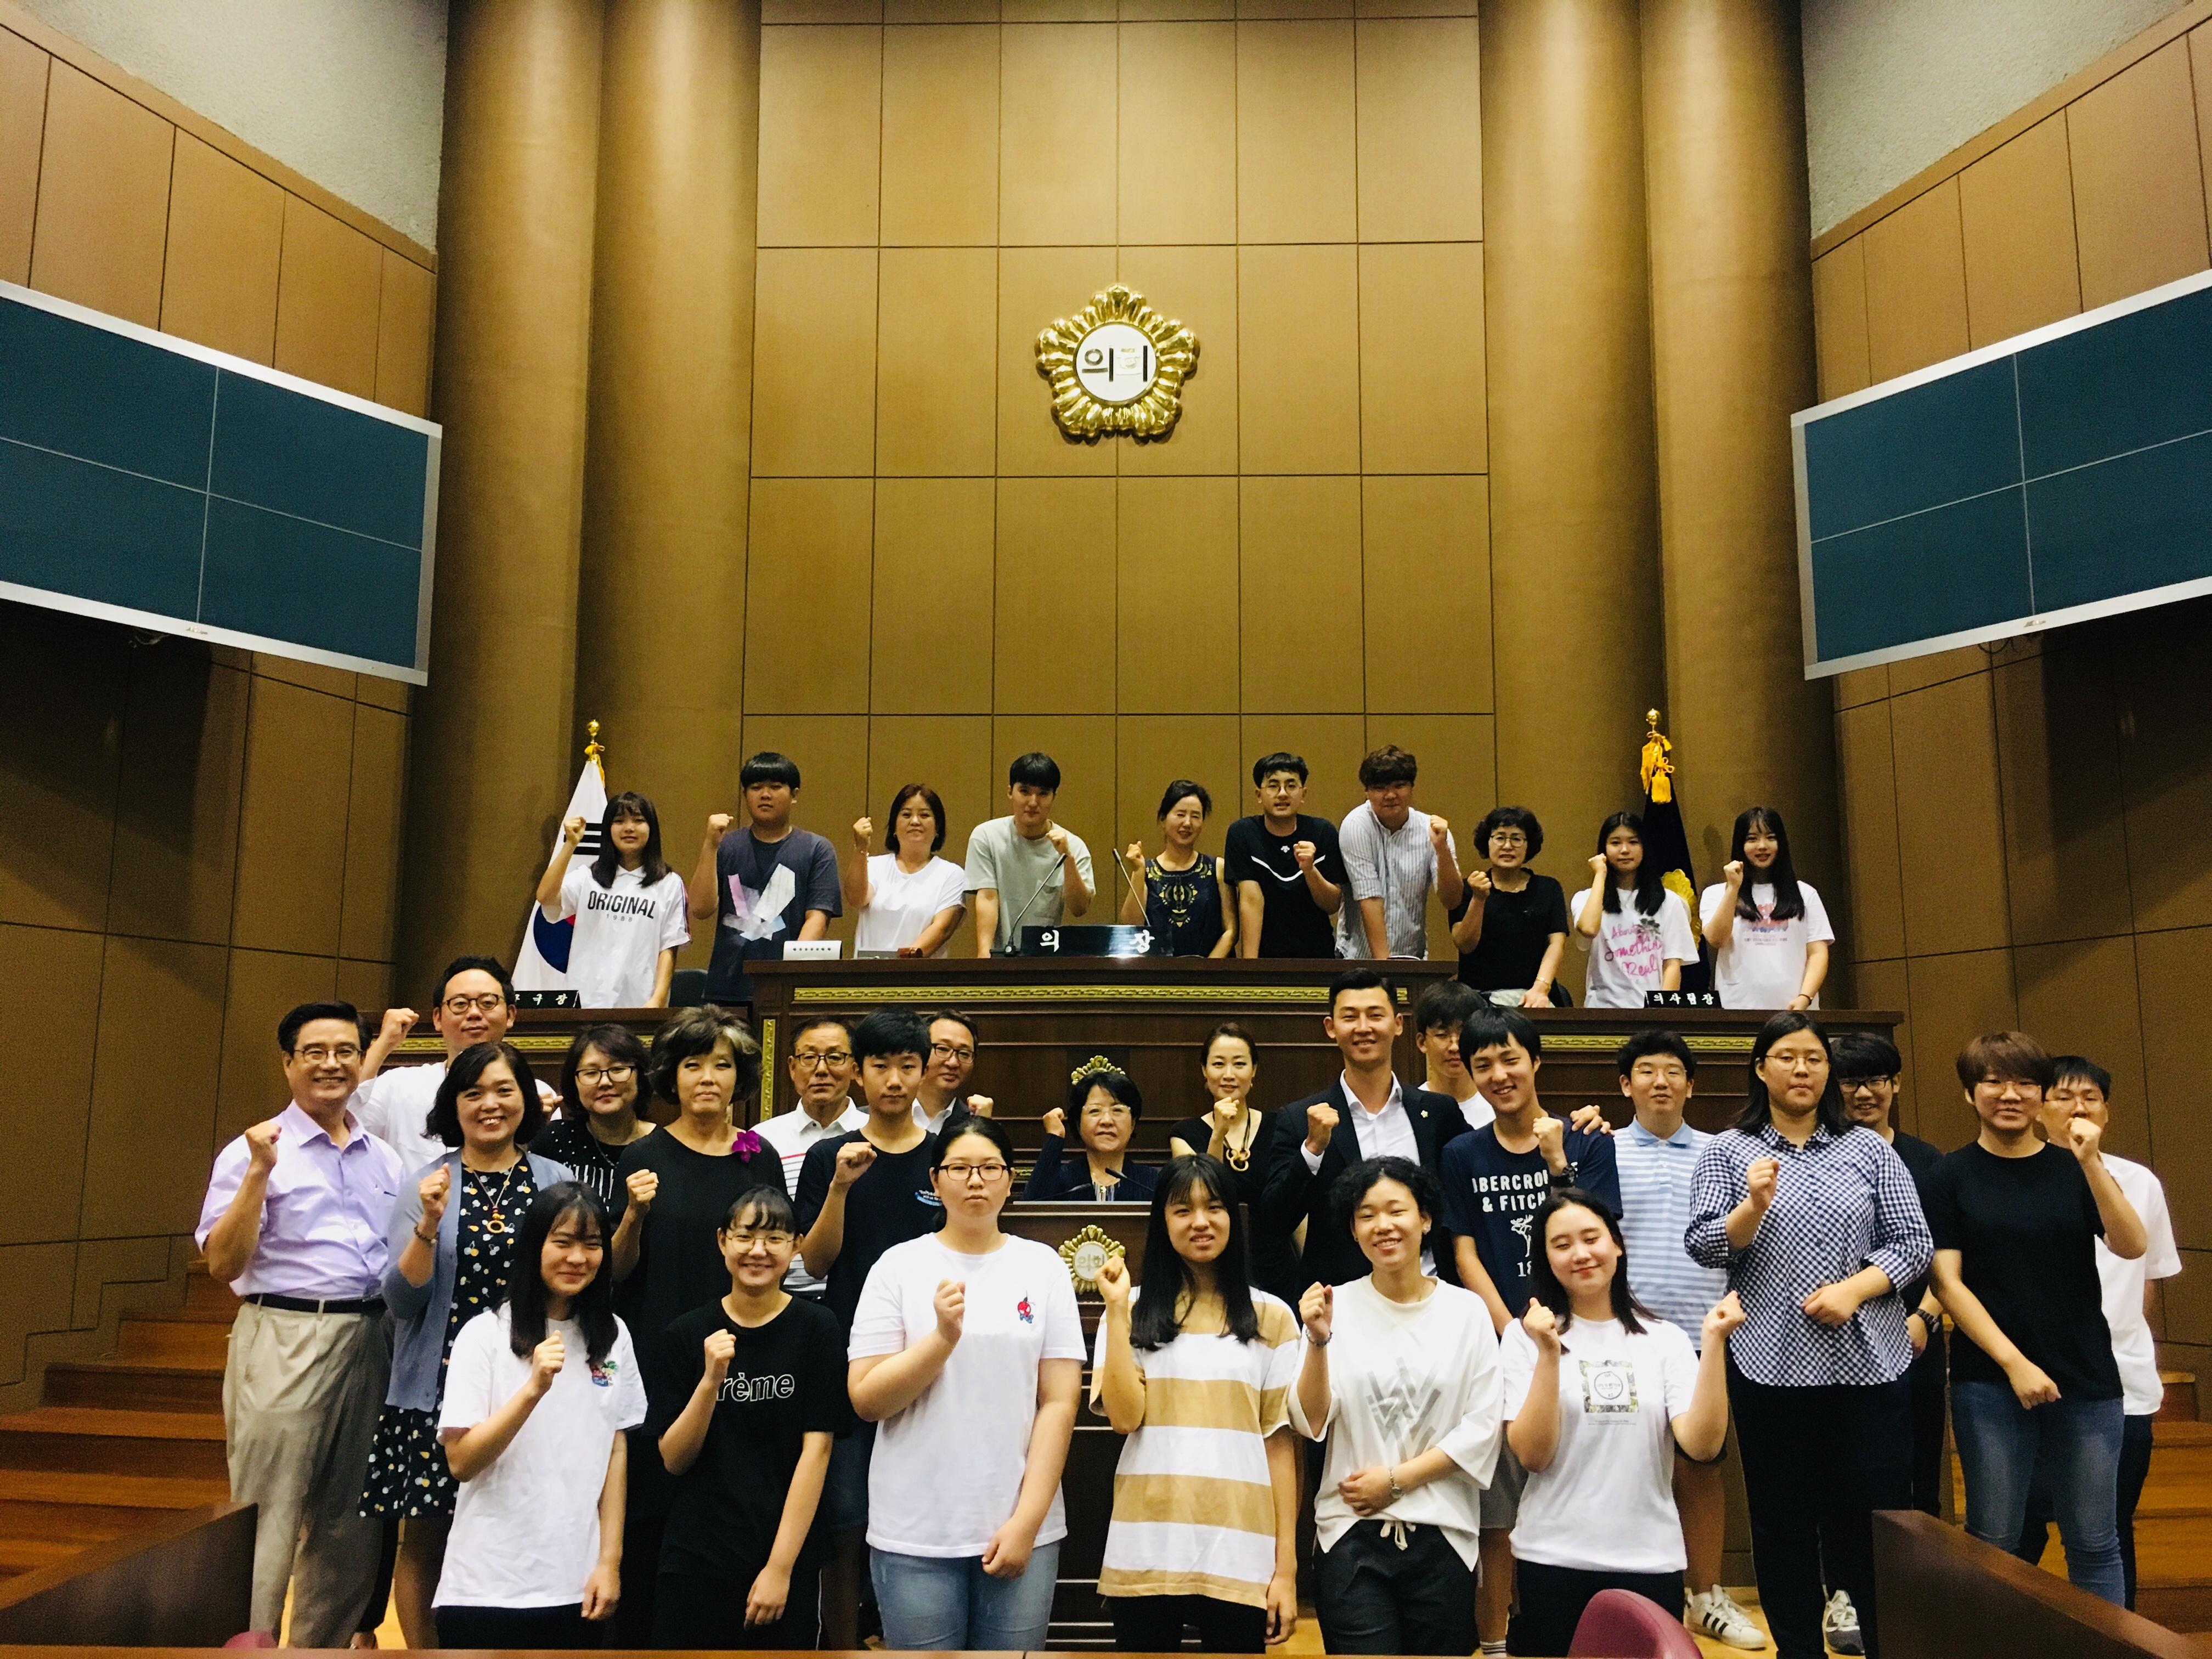 2018 08 11 청소년자치위원회 구의회견학 사진01